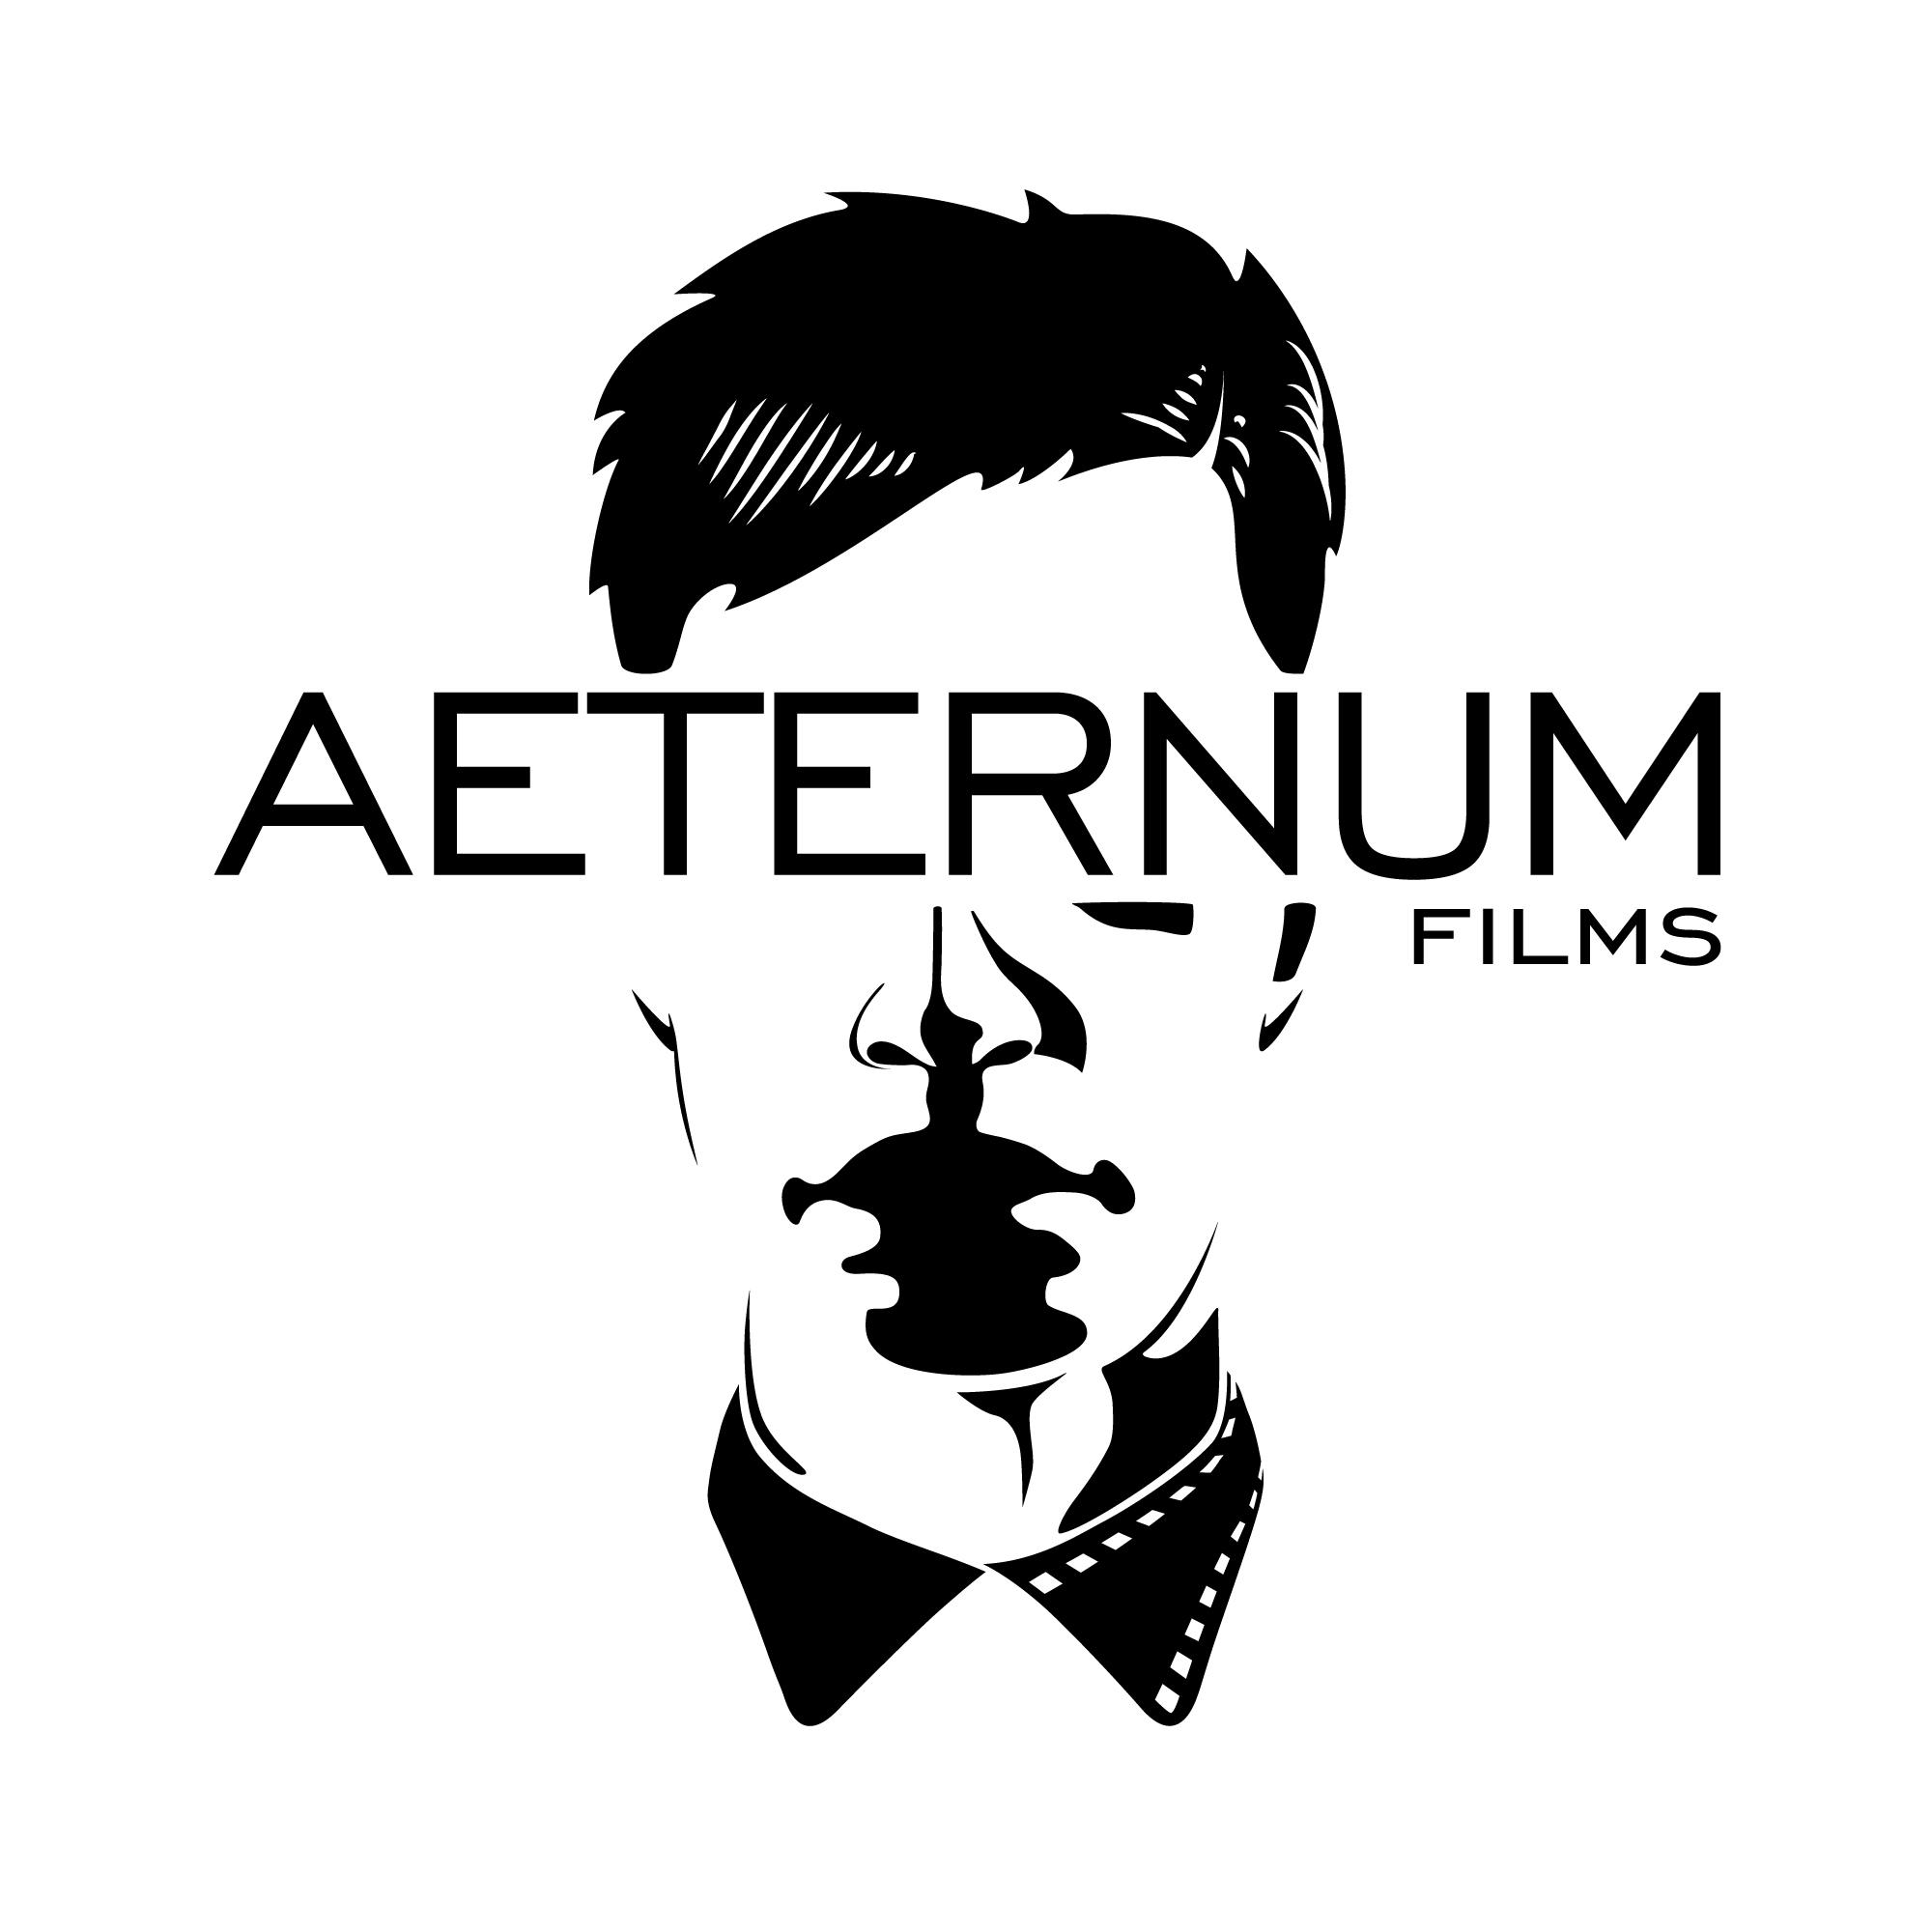 Aeternum_films